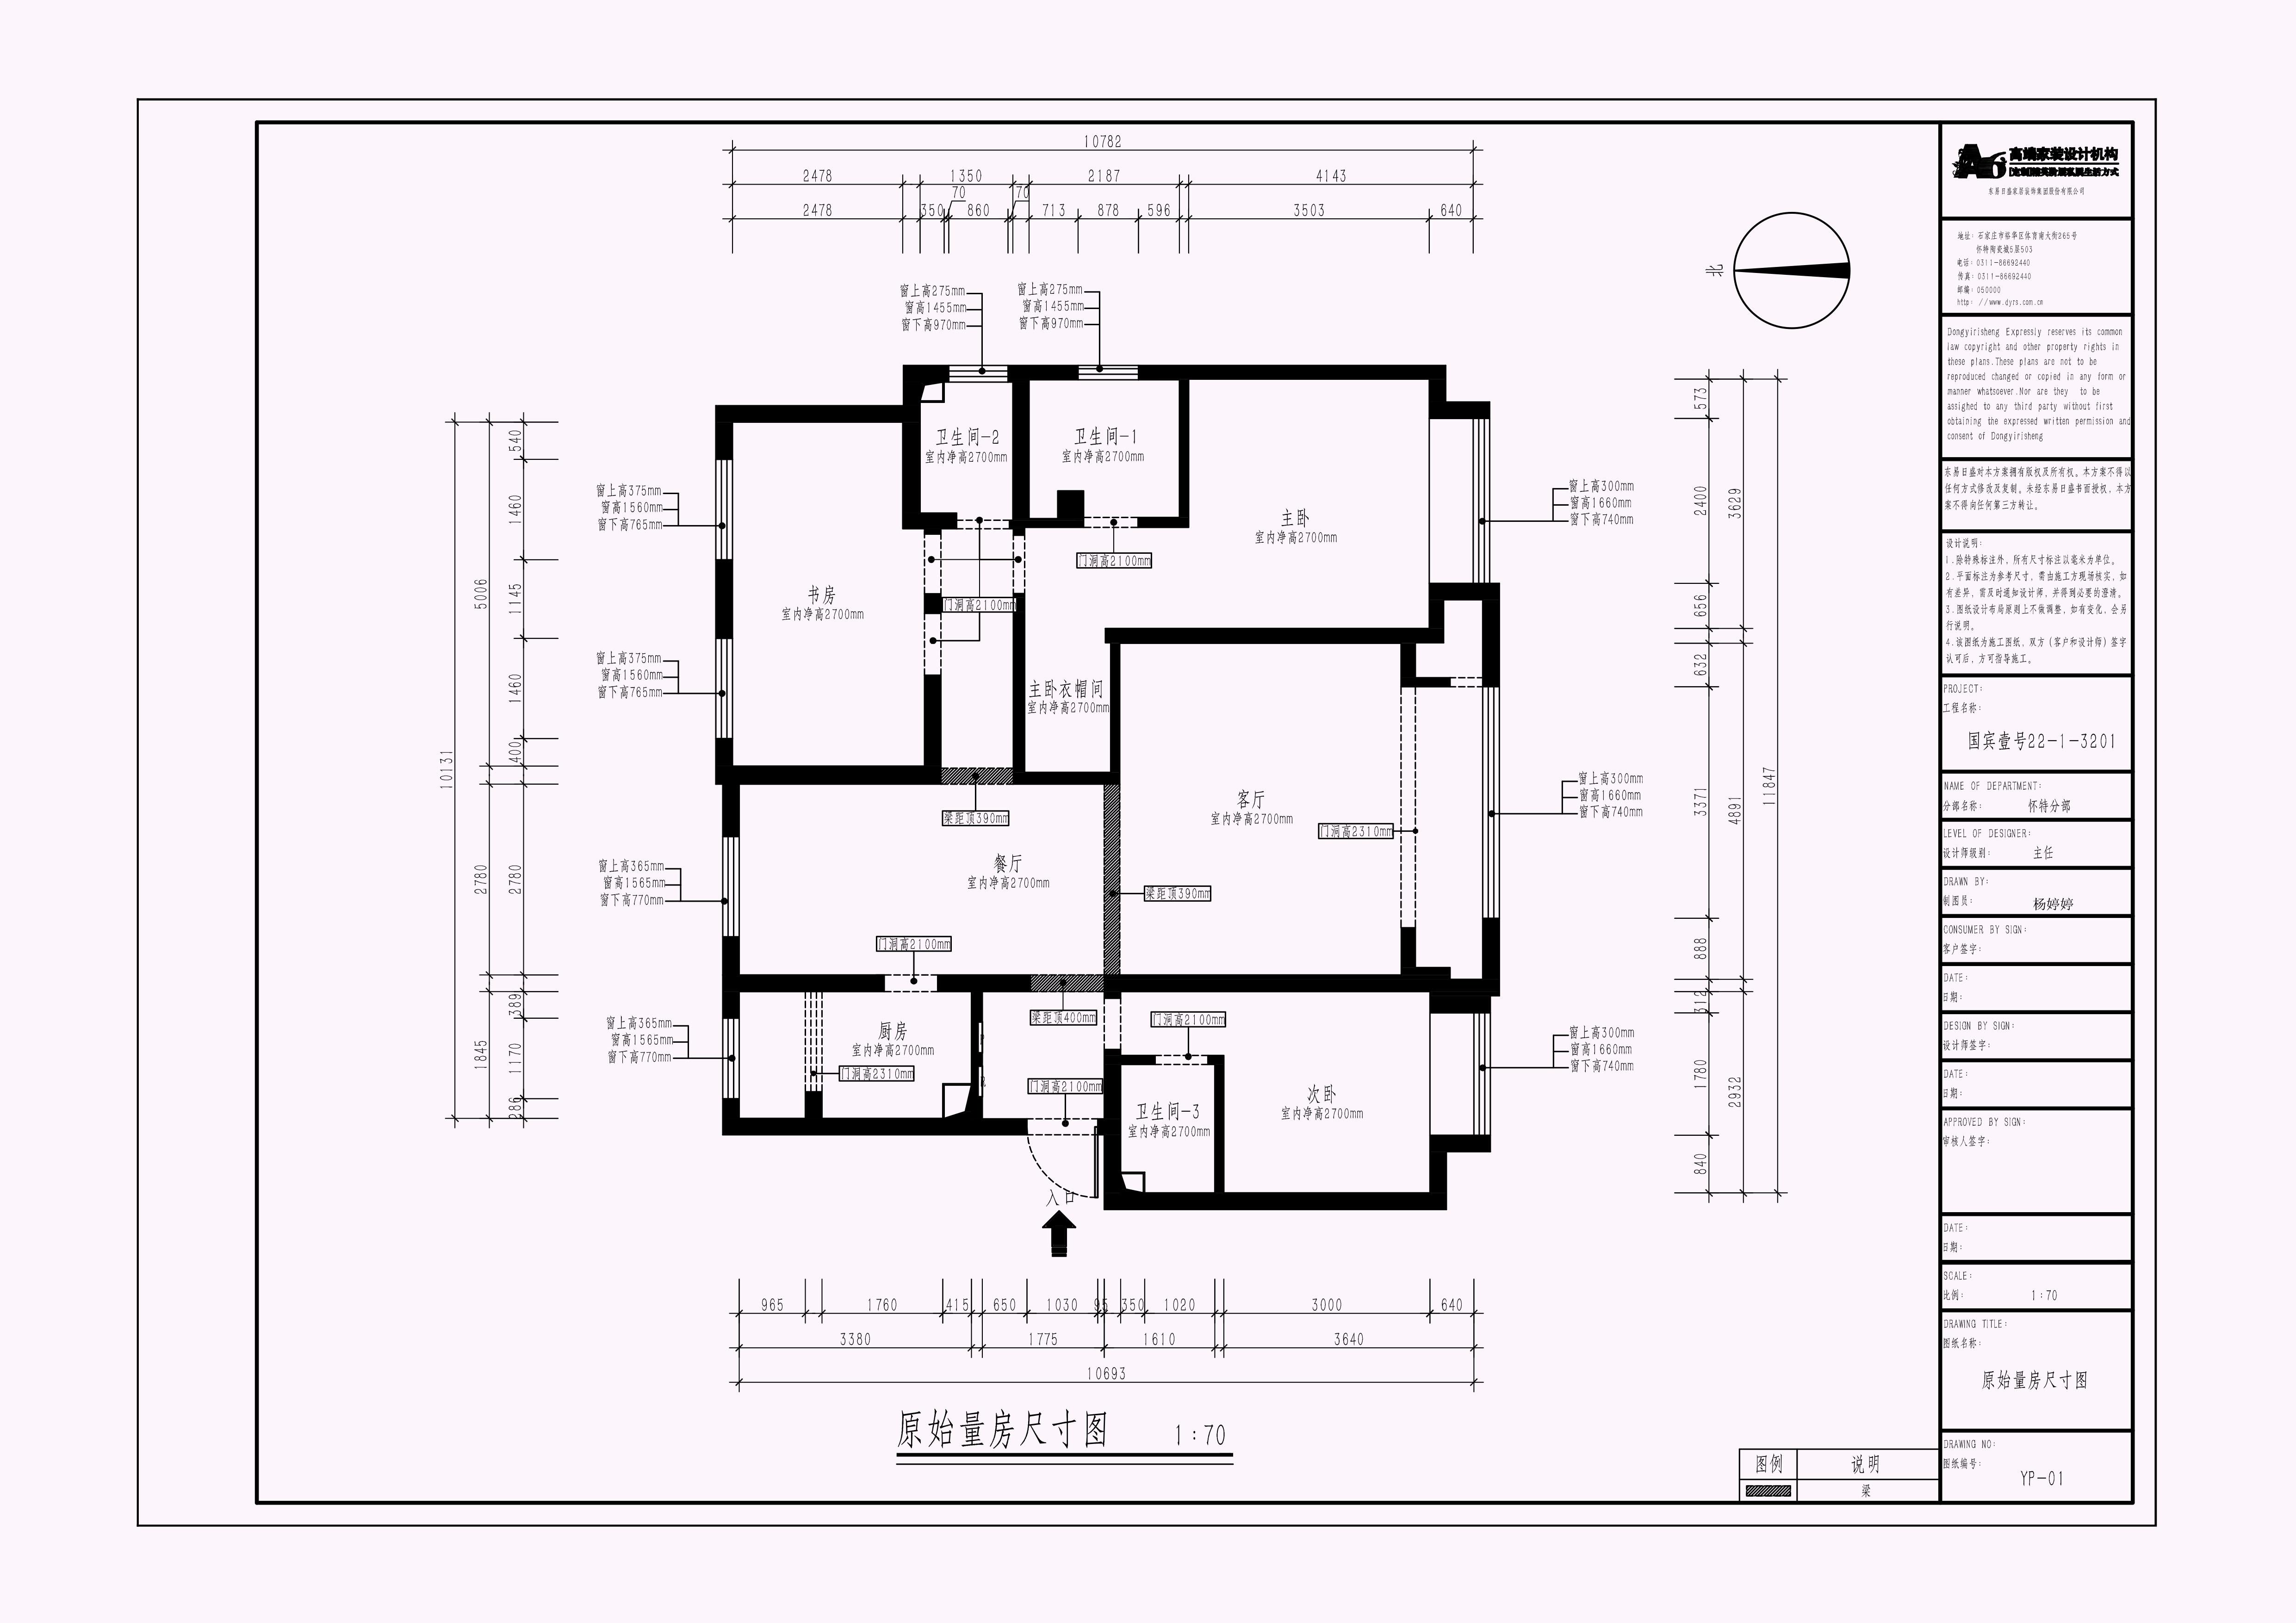 国宾壹号140平三室二厅美式性状style装潢成果图装潢策划愿景